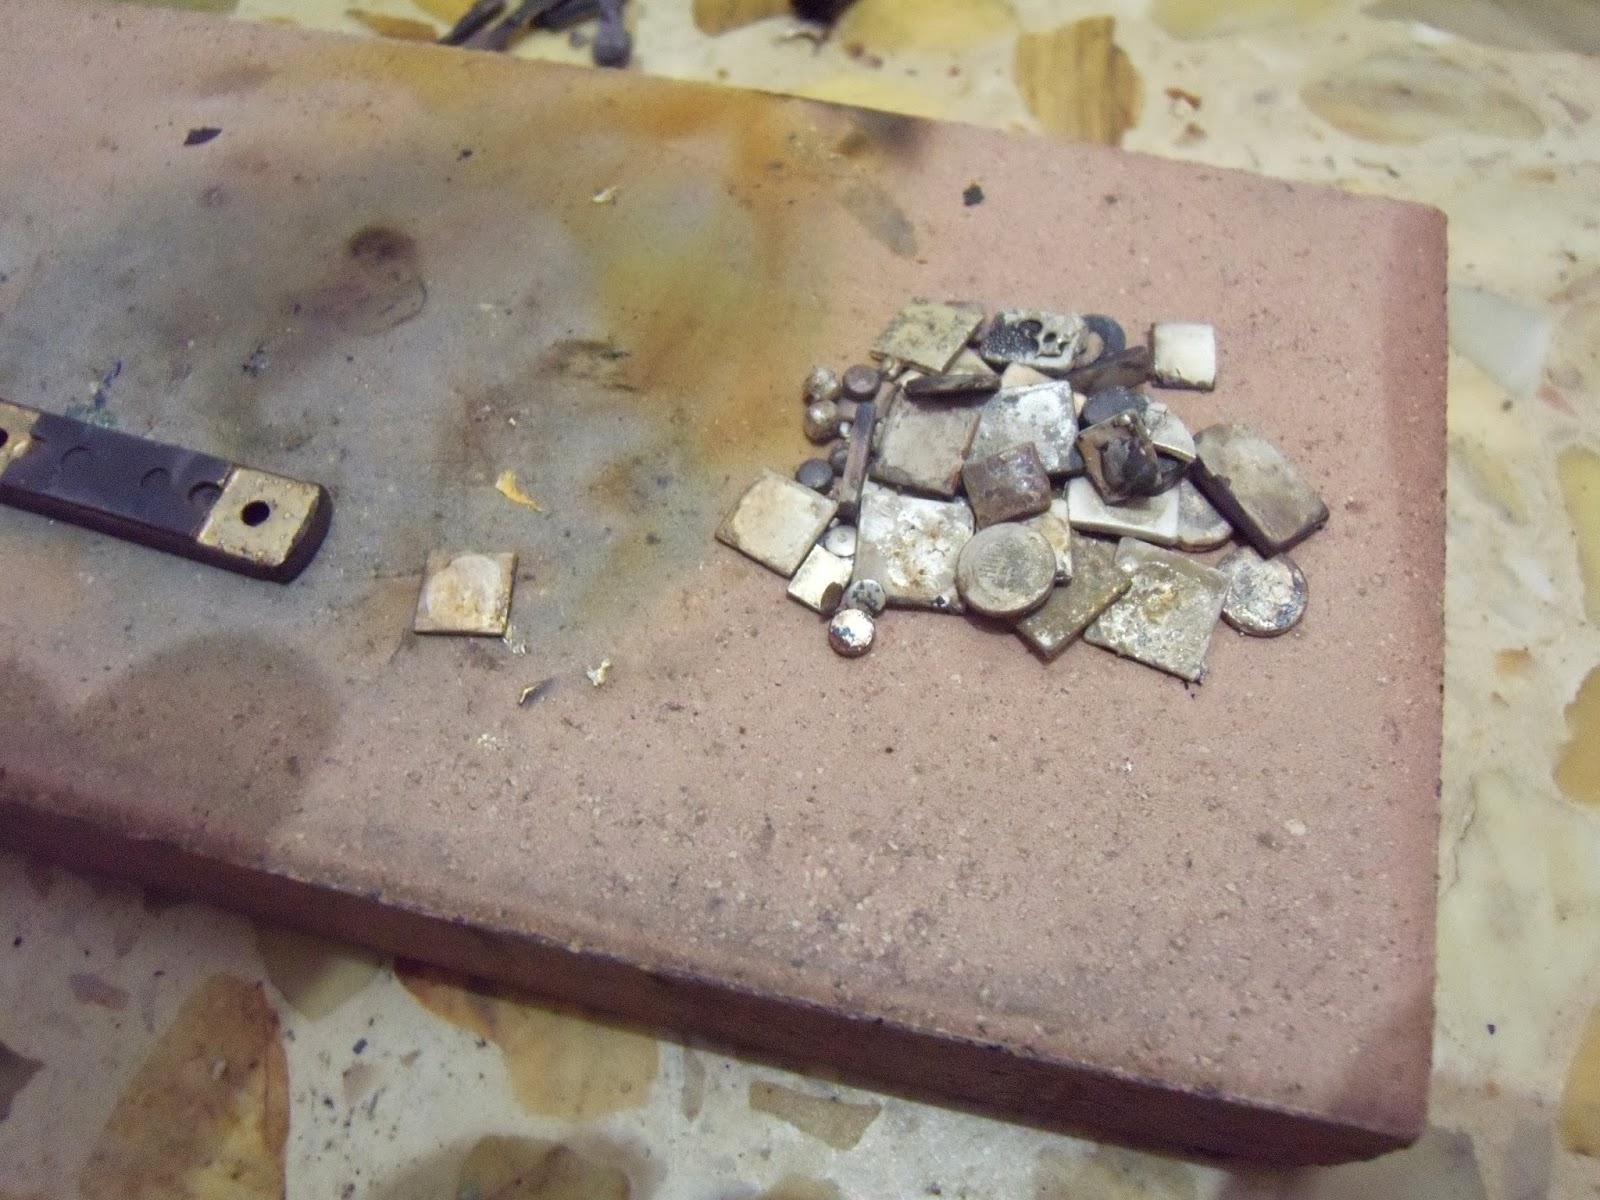 Recuperacion de oro y plata de chatarra electronica - Como se pule la plata ...